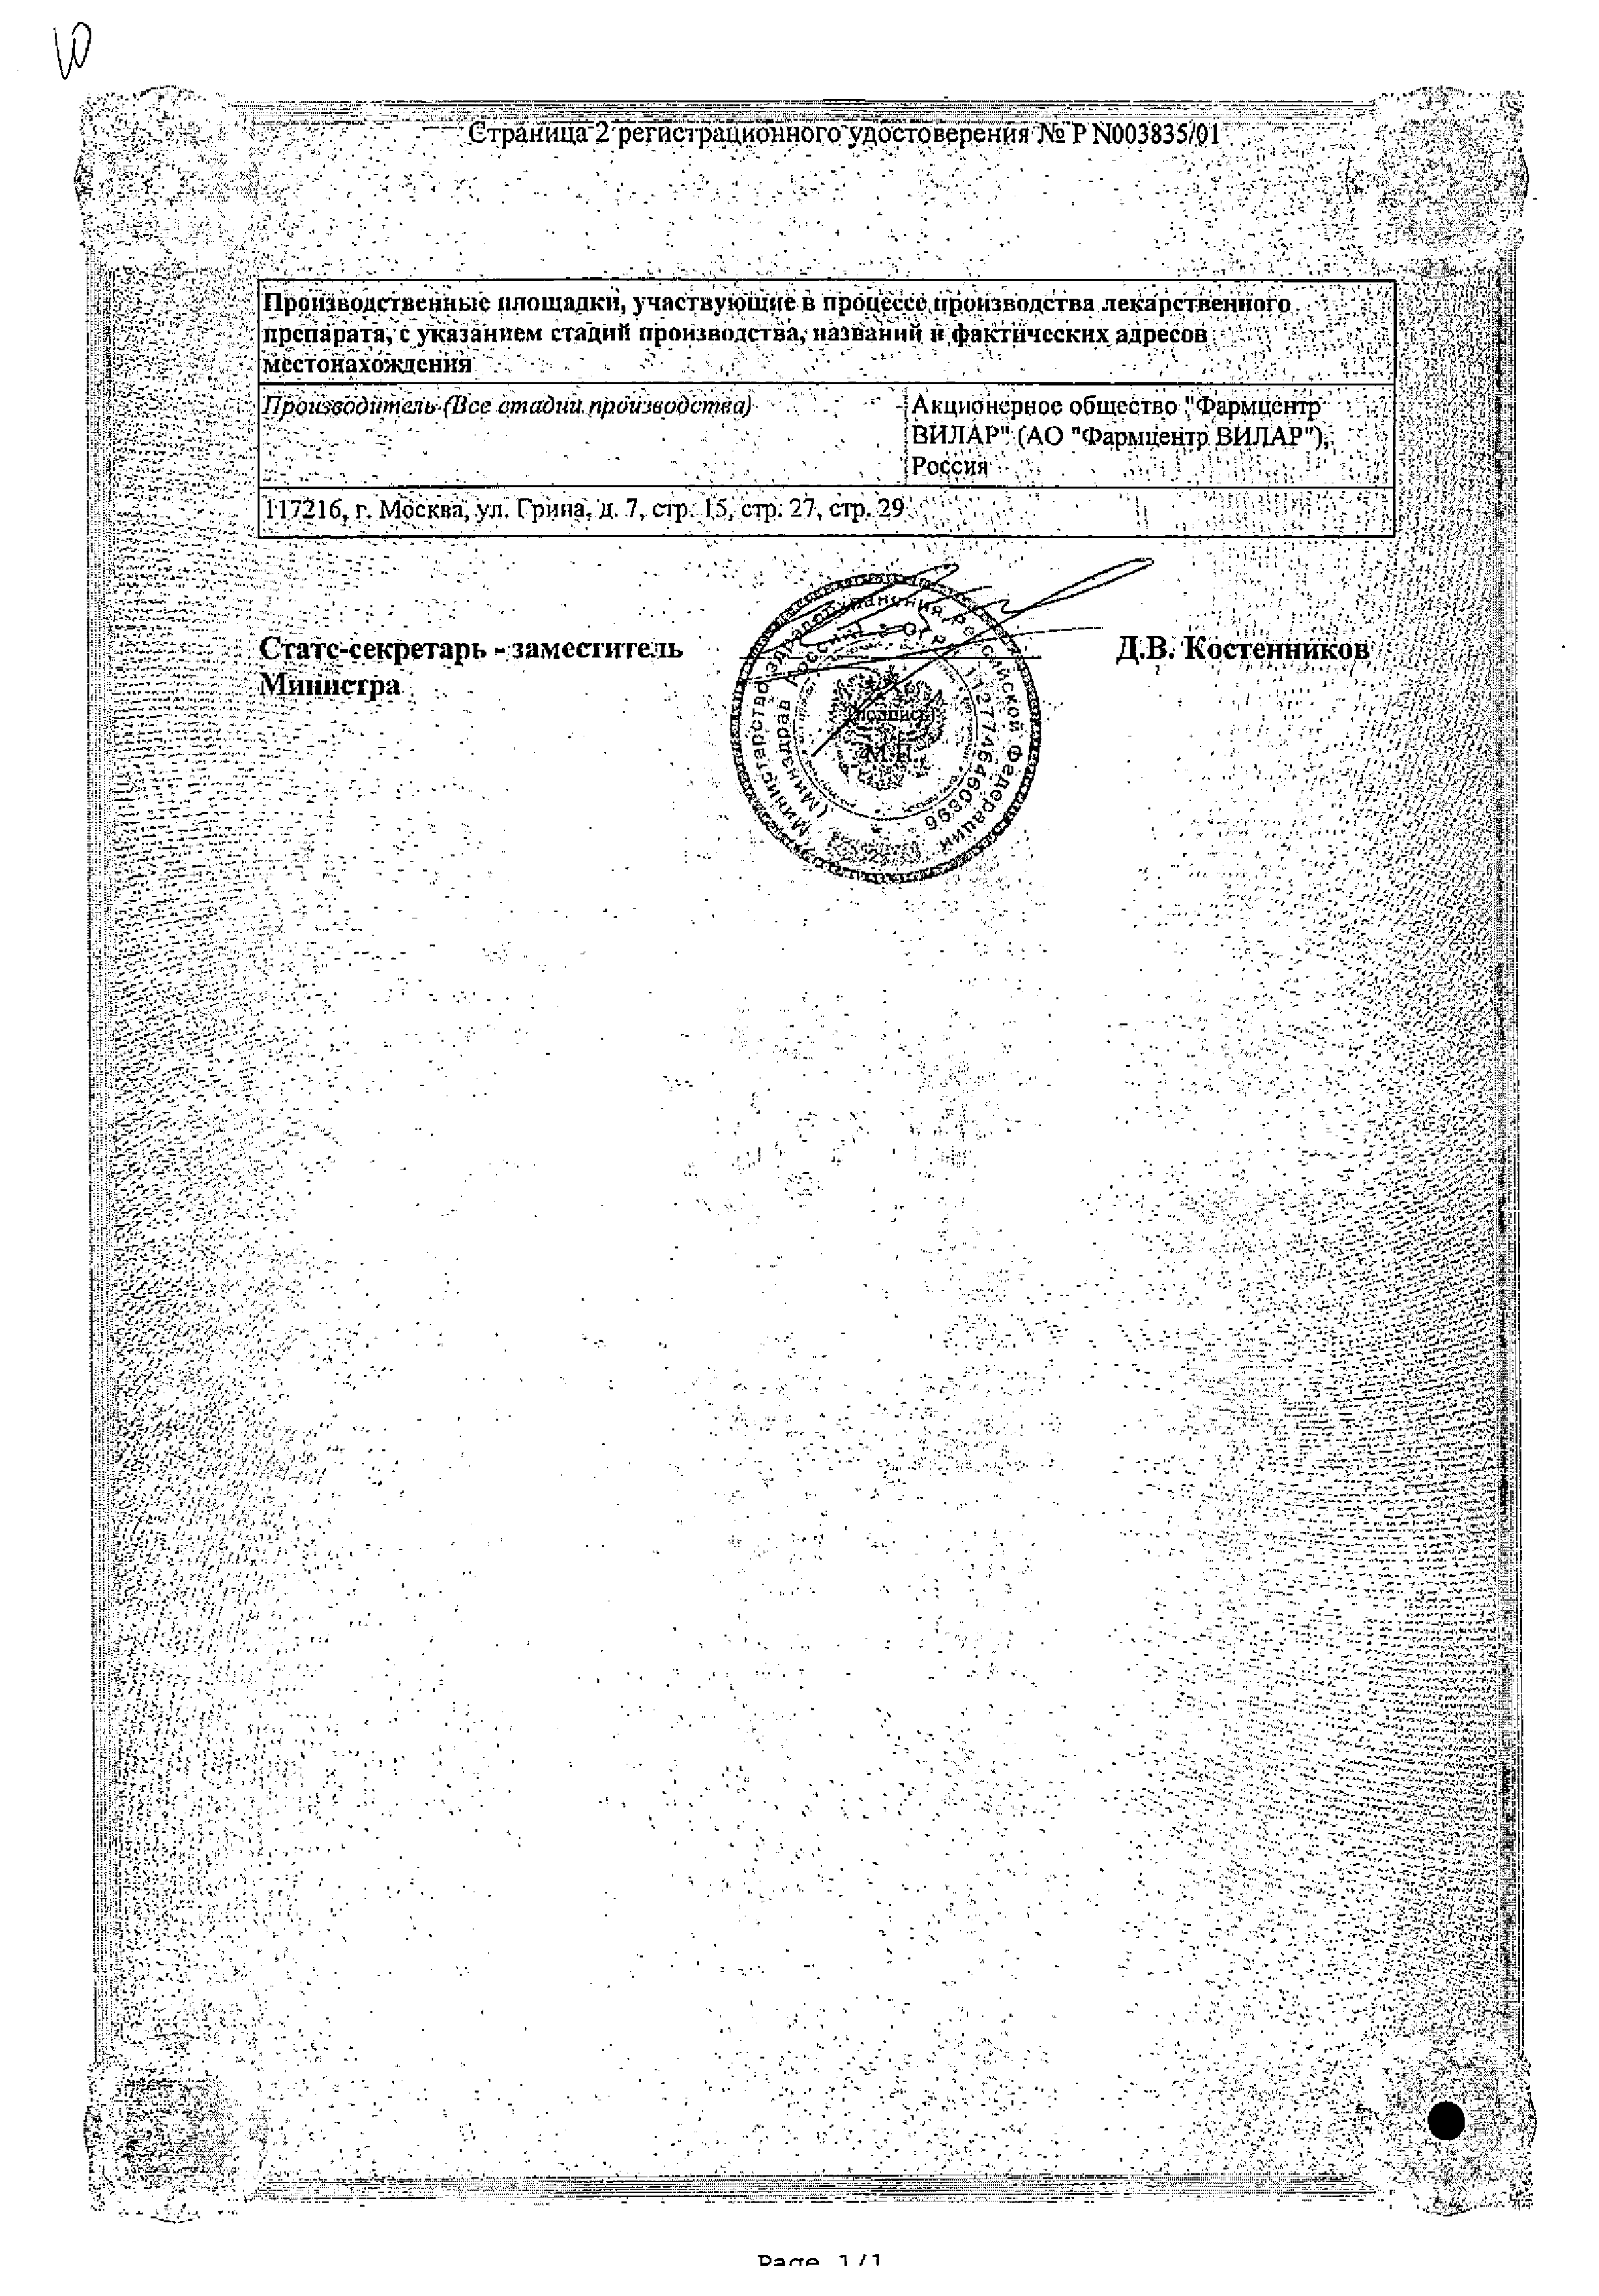 Сангвиритрин сертификат